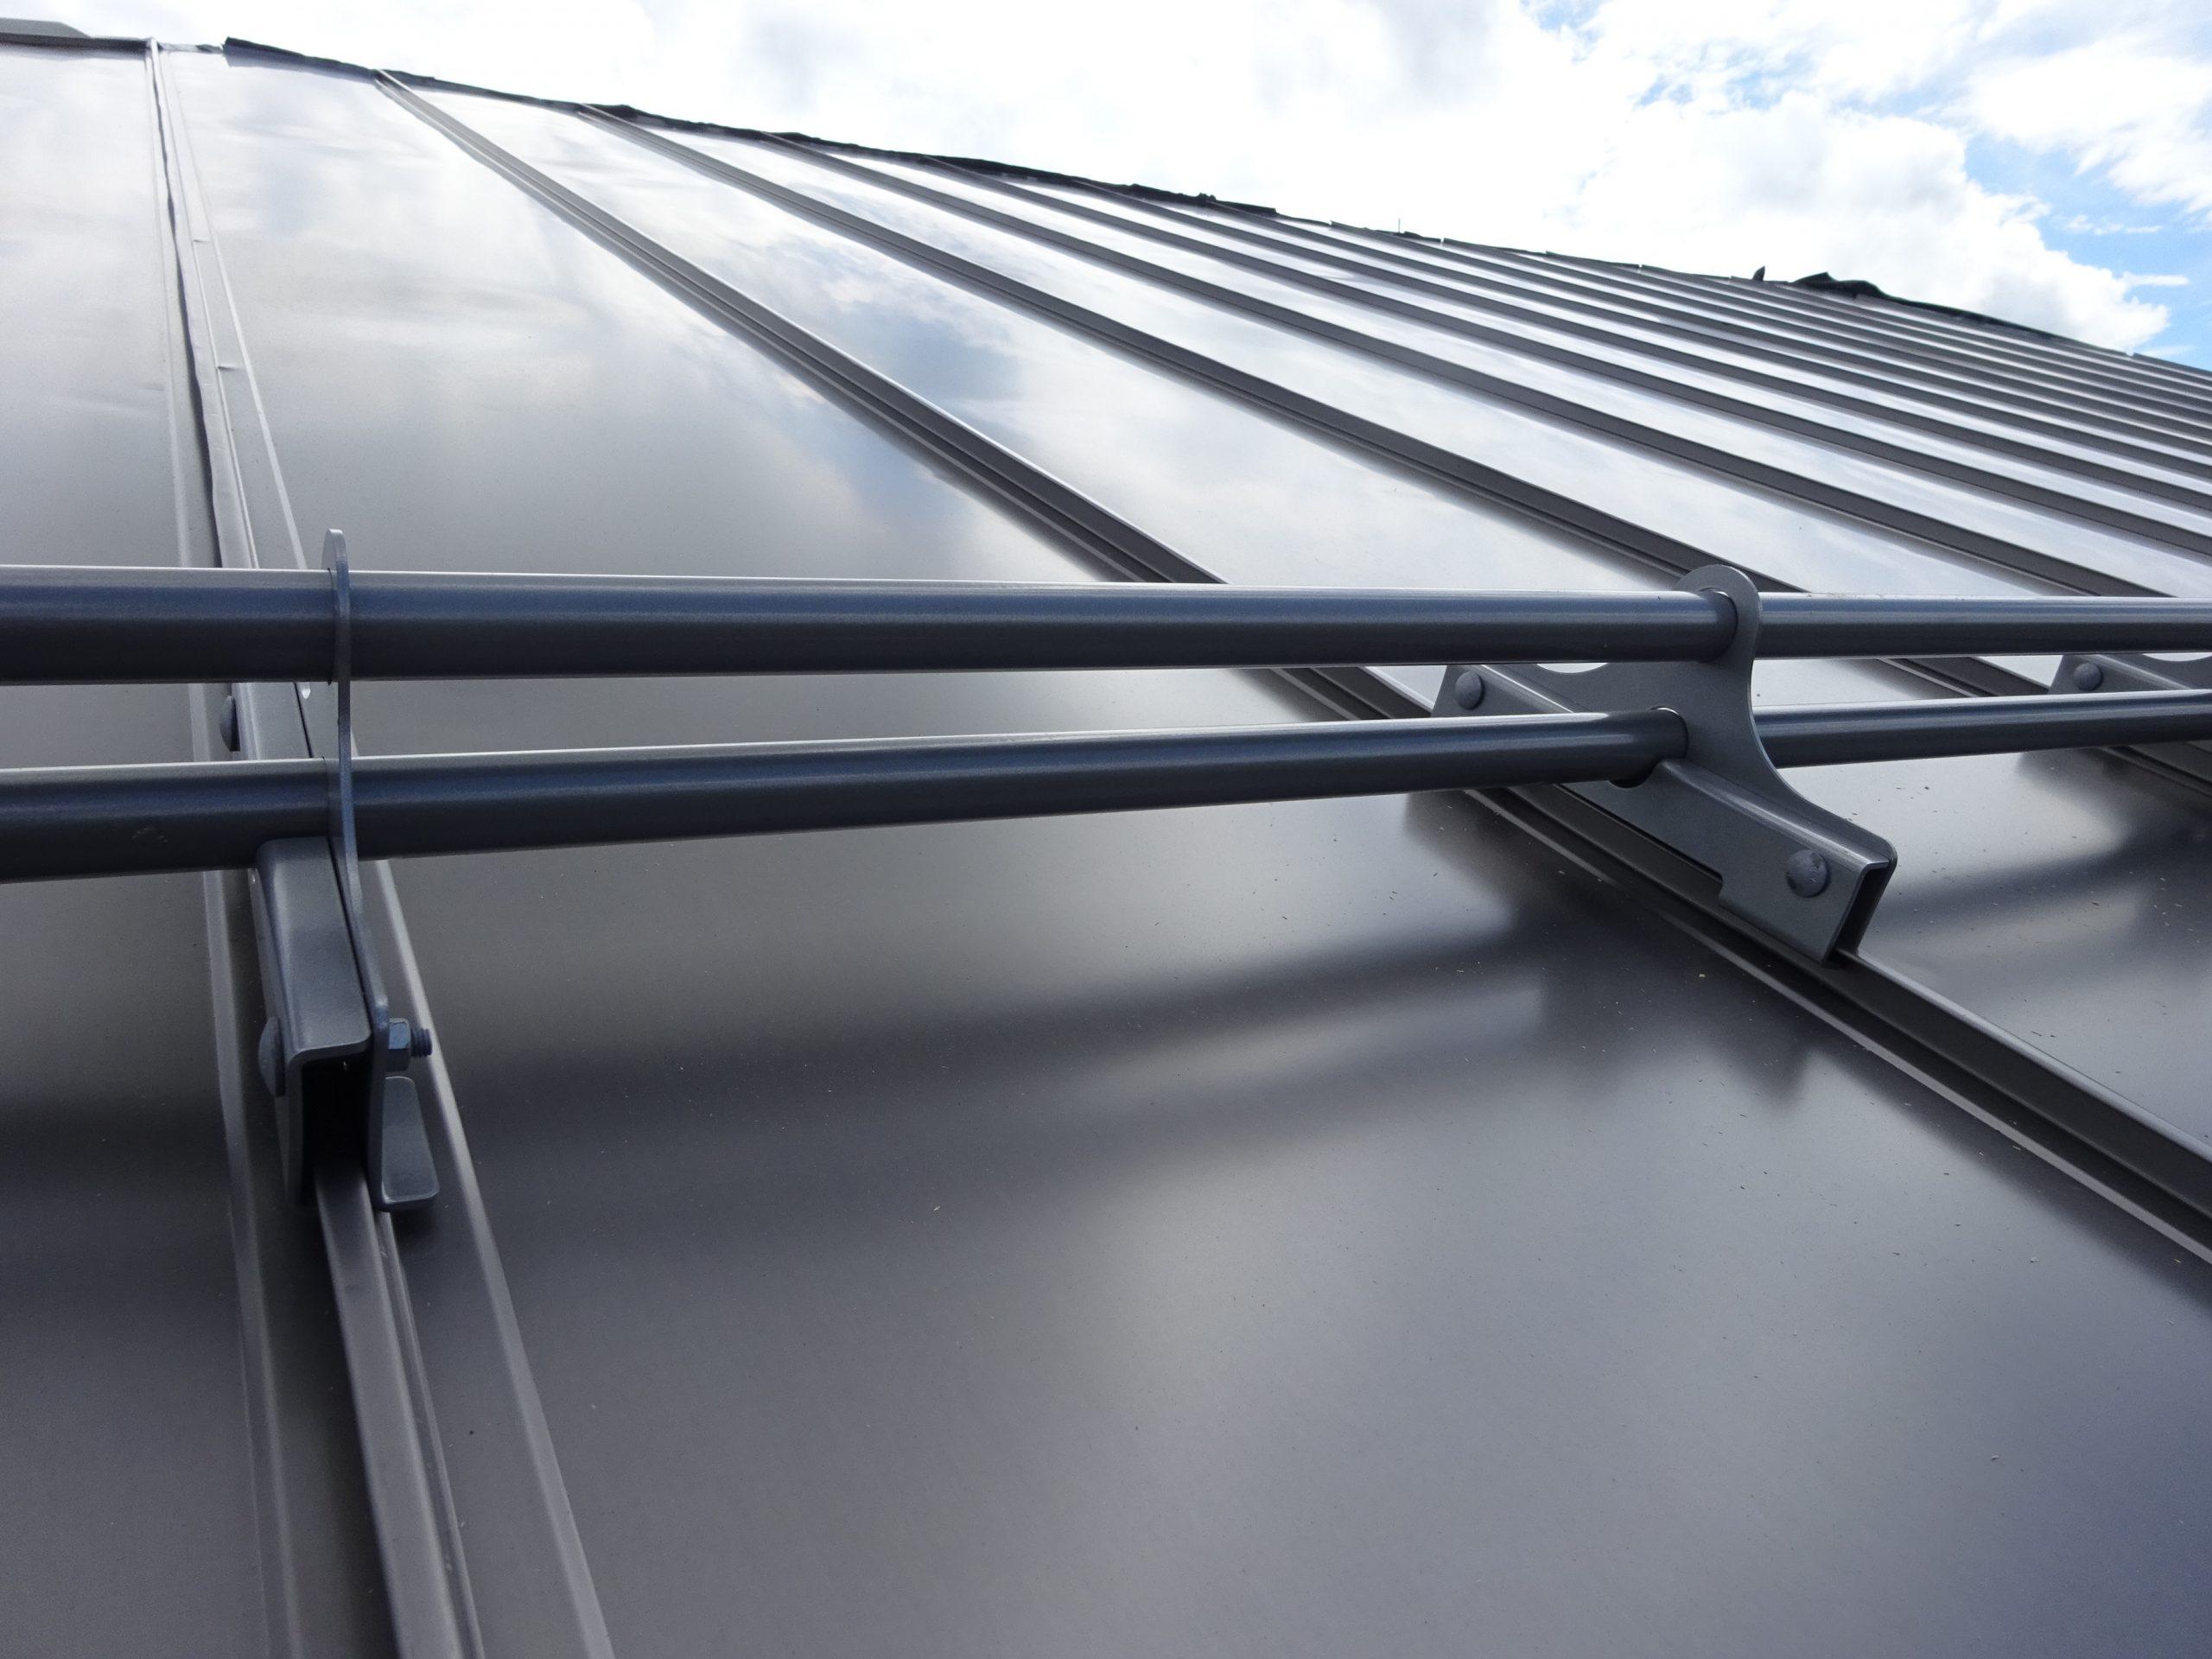 Wspornik rury do paneli dachowych na wysoki profil montuje się, aby zapewnić ochronę przed osuwającym śniegiem. Idealny do paneli Pruszyński Pr 510 oraz Ruukki Classic.